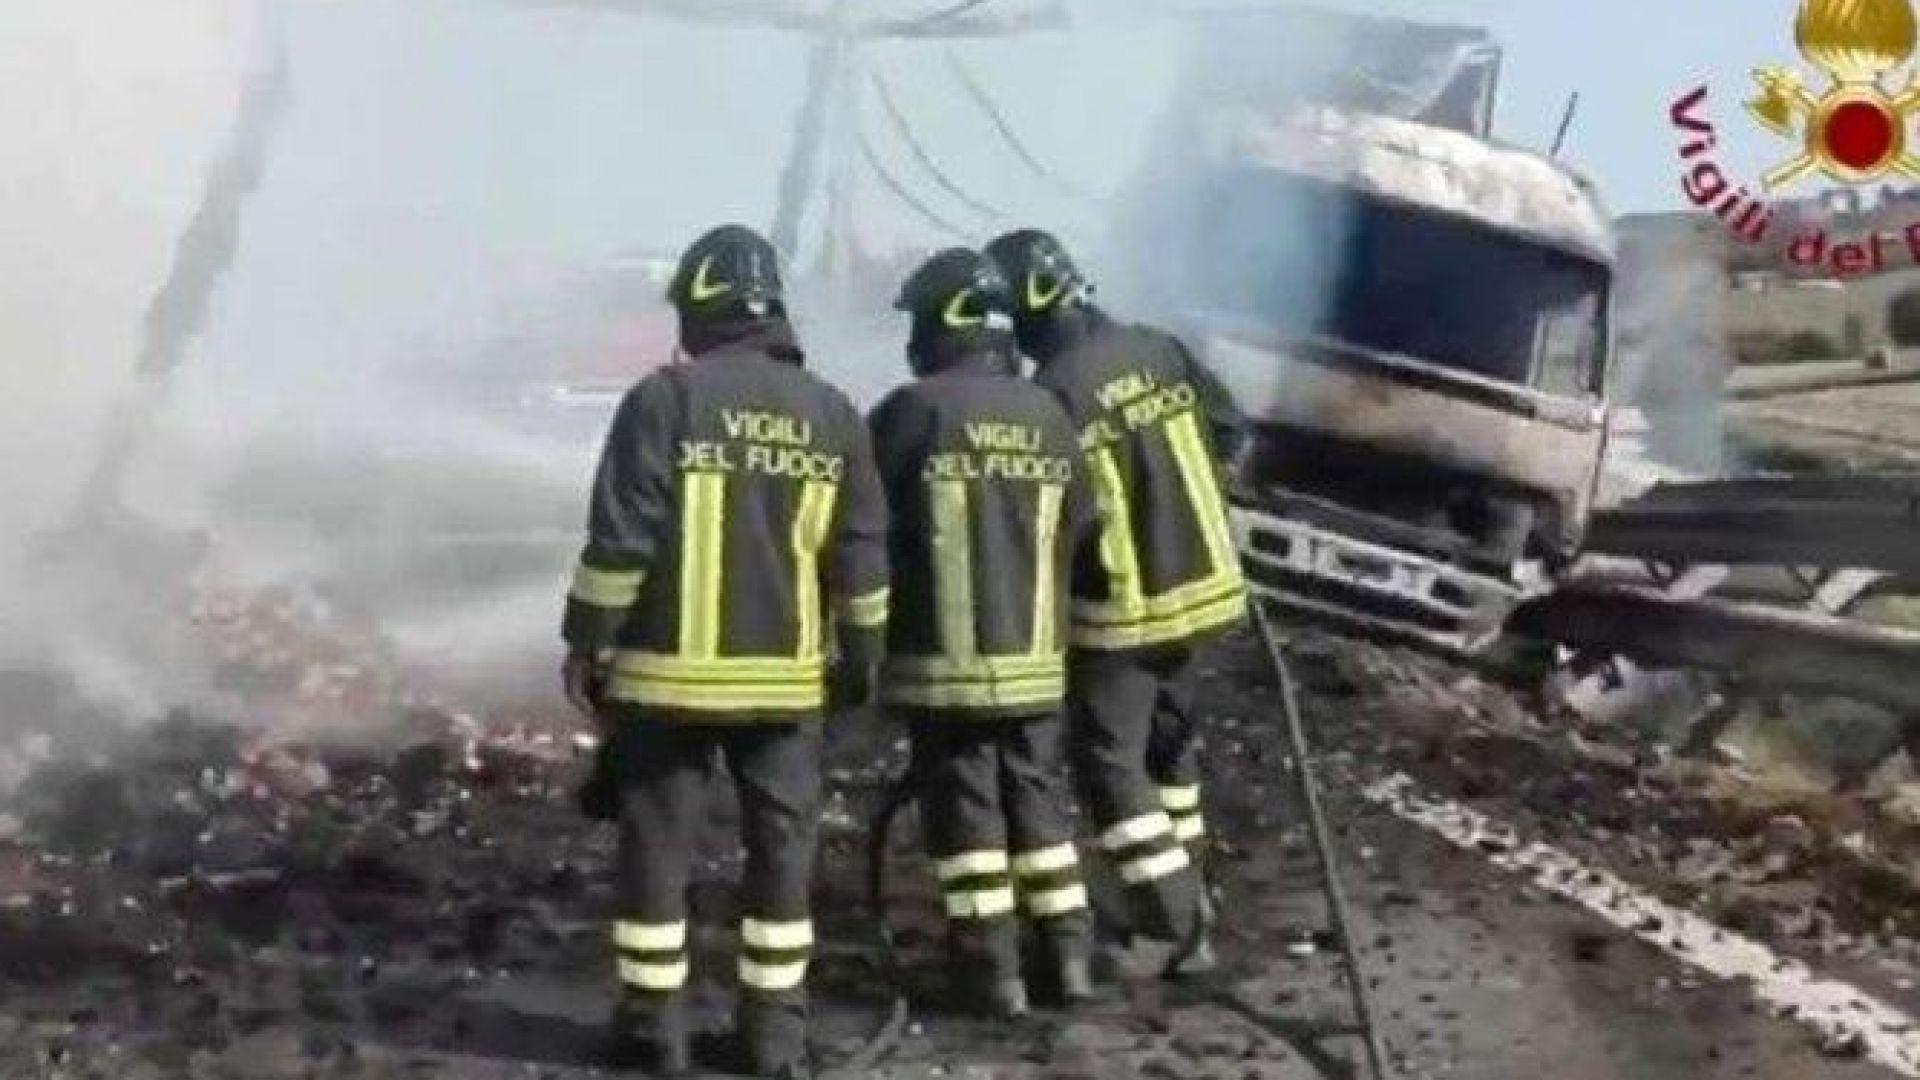 Български шофьор на ТИР катастрофира в Италия, уби баща и син